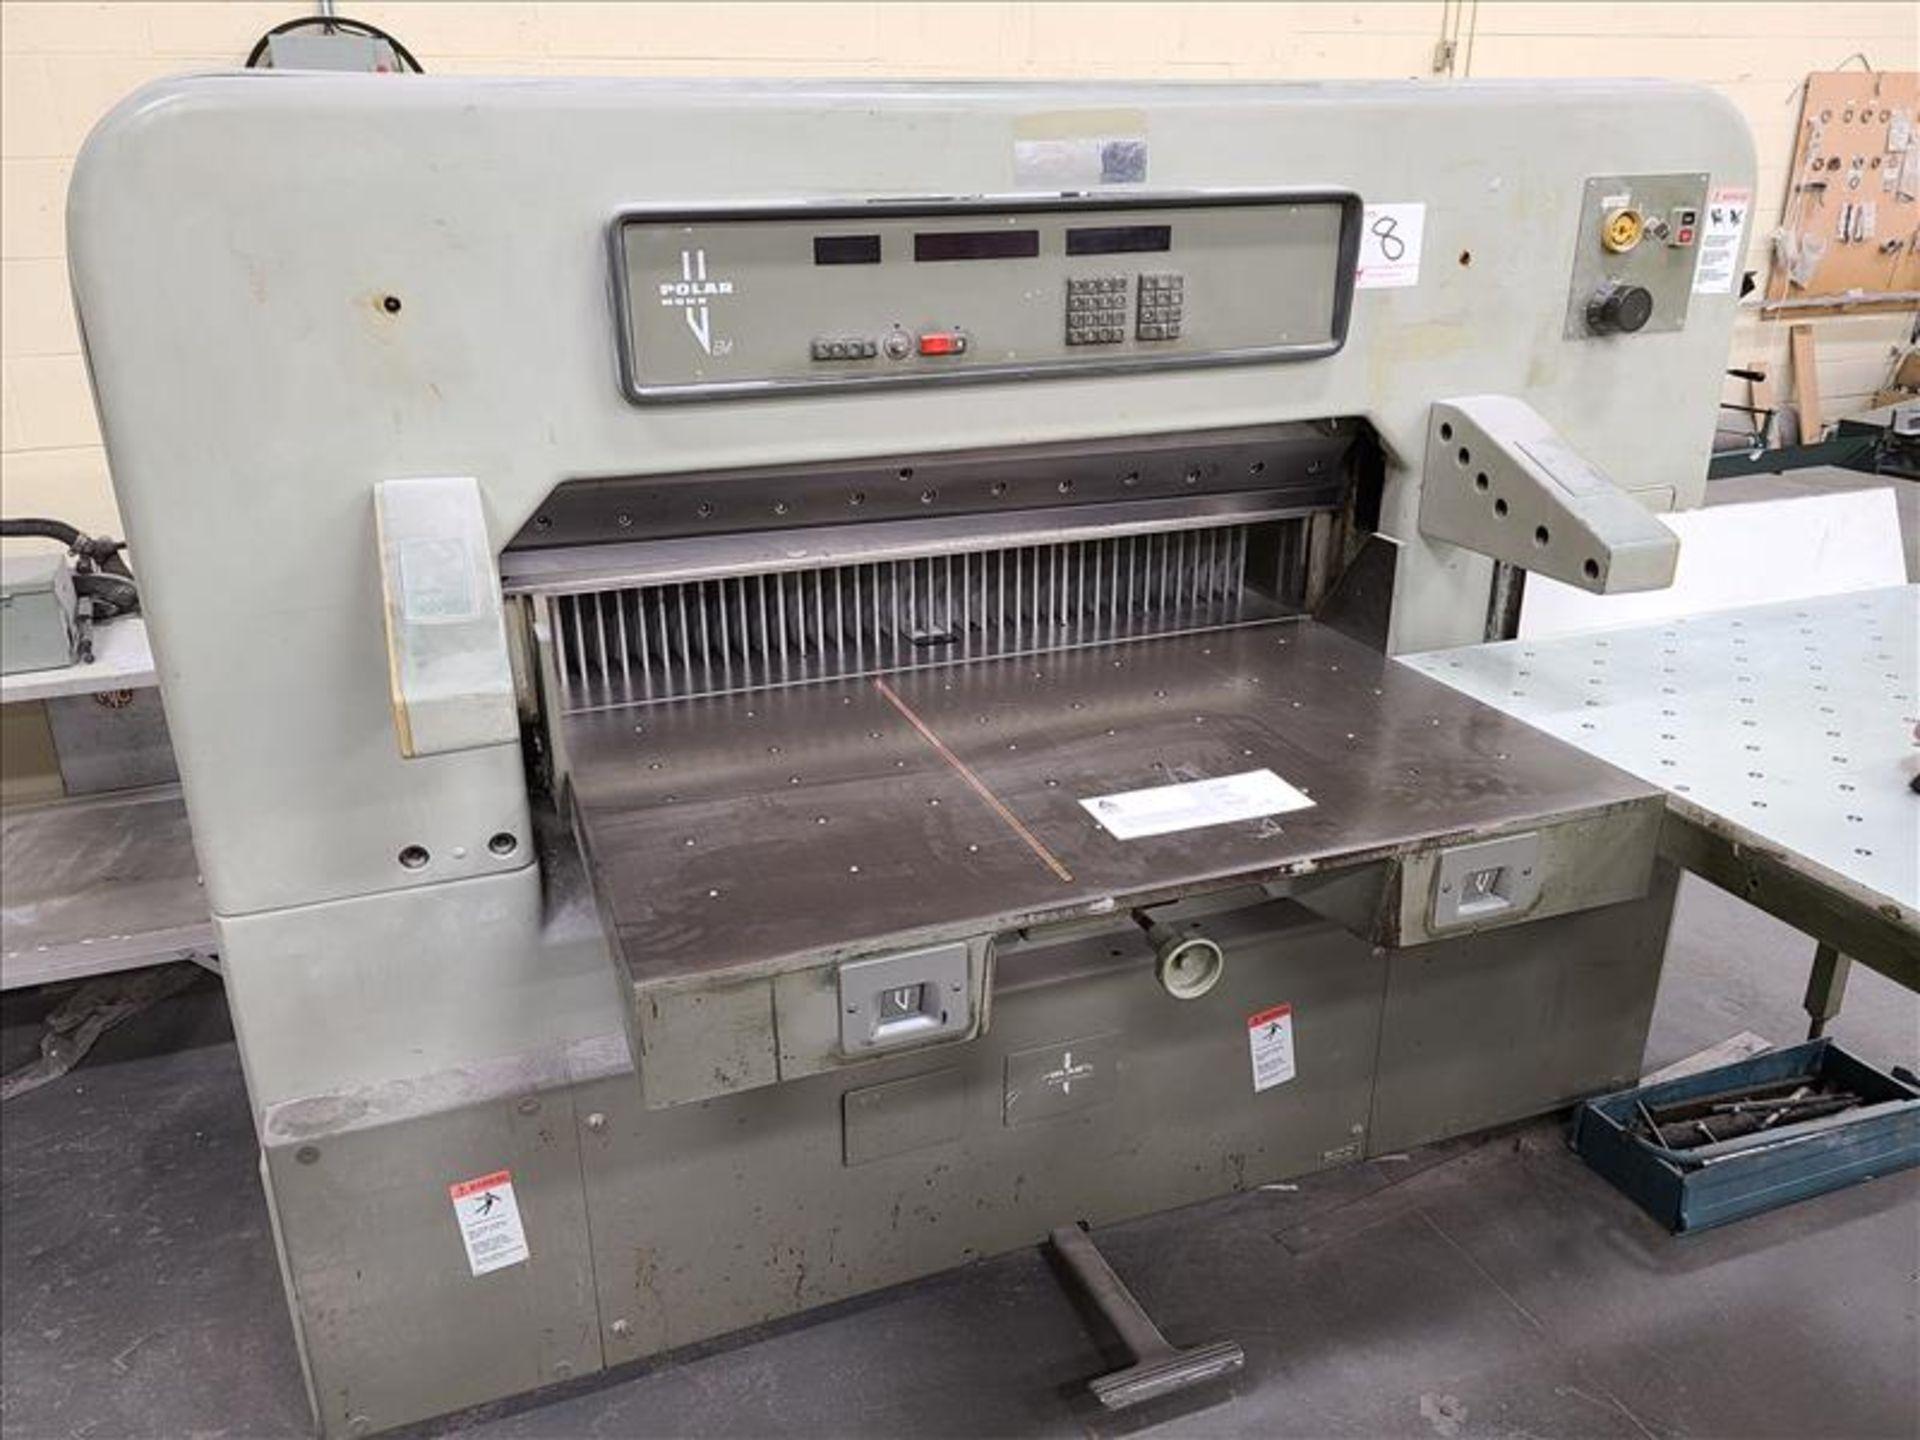 Polar Mohr Guillotine, model 115 EM, S/N. 5531072 (1985) w/4' infeed, 220V, 22.7 amps, 3 Phase